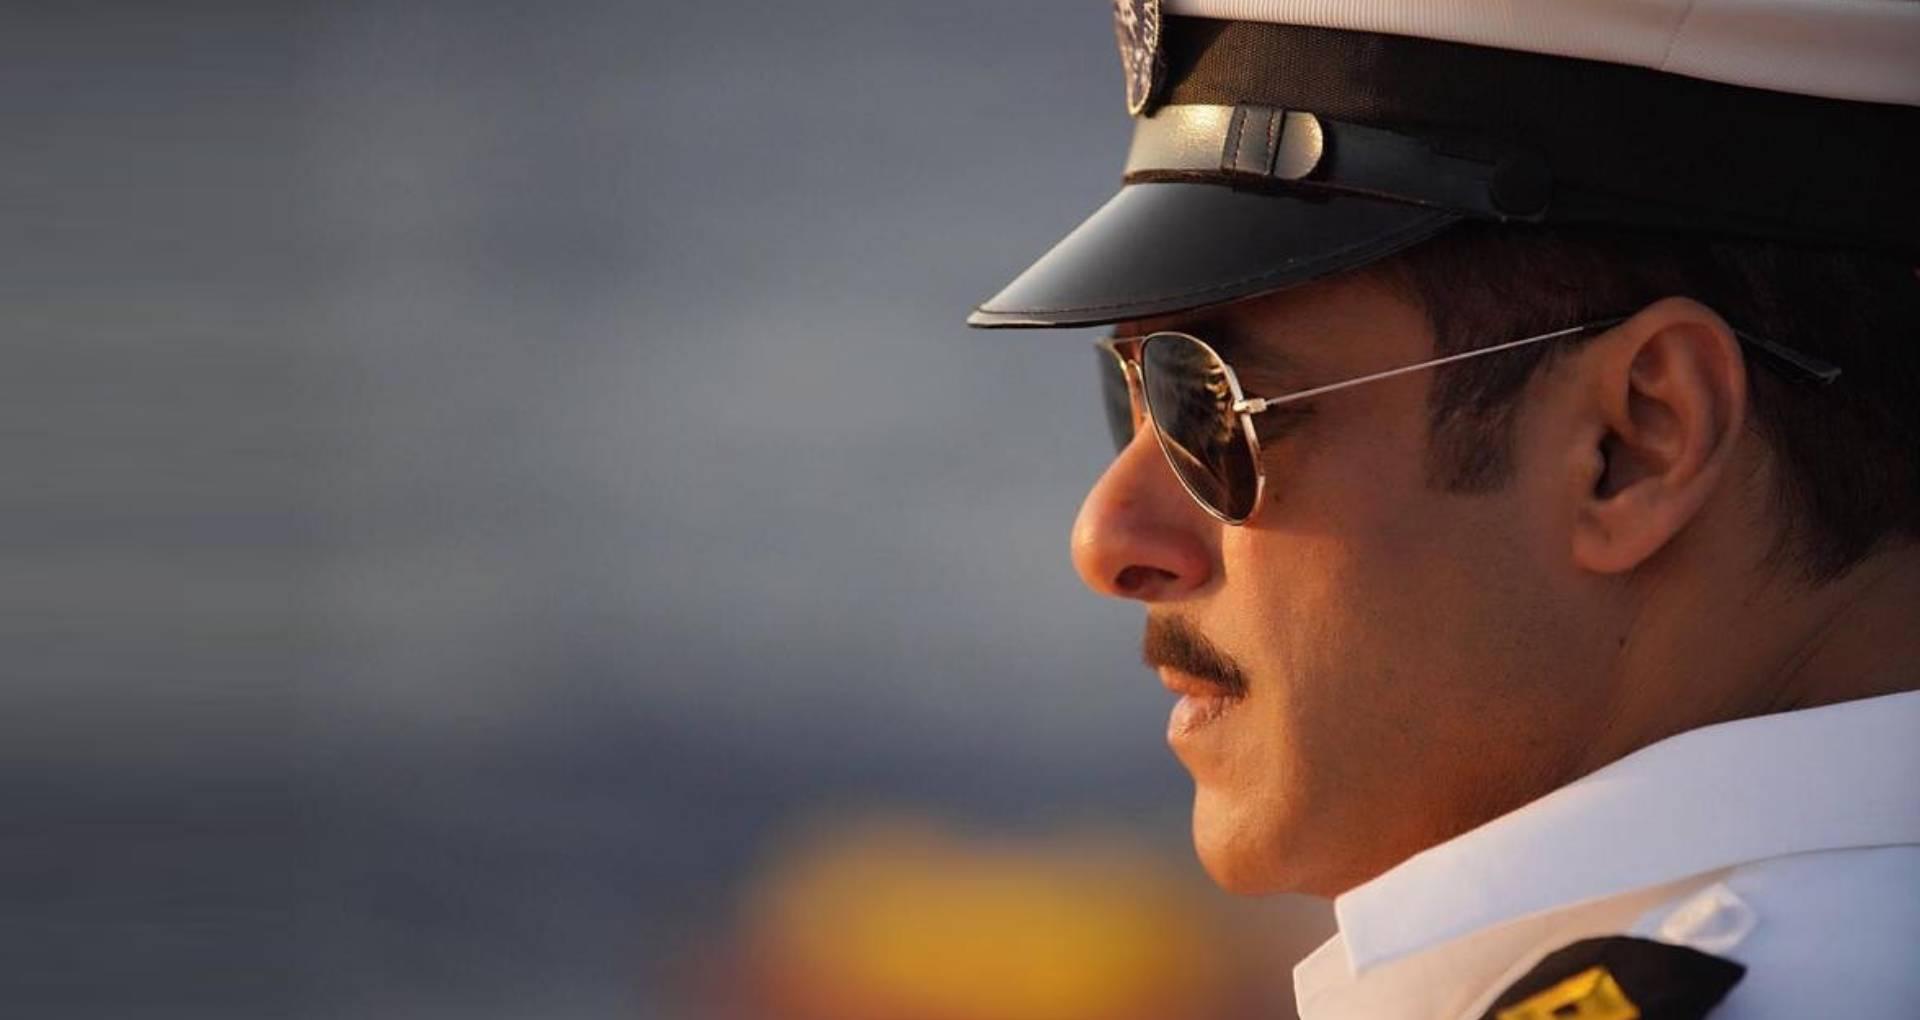 सलमान खान के फैंस के लिए खुशखबरी, फिल्म भारत हिंदी के अलावा इन भाषाओं में होगी रिलीज